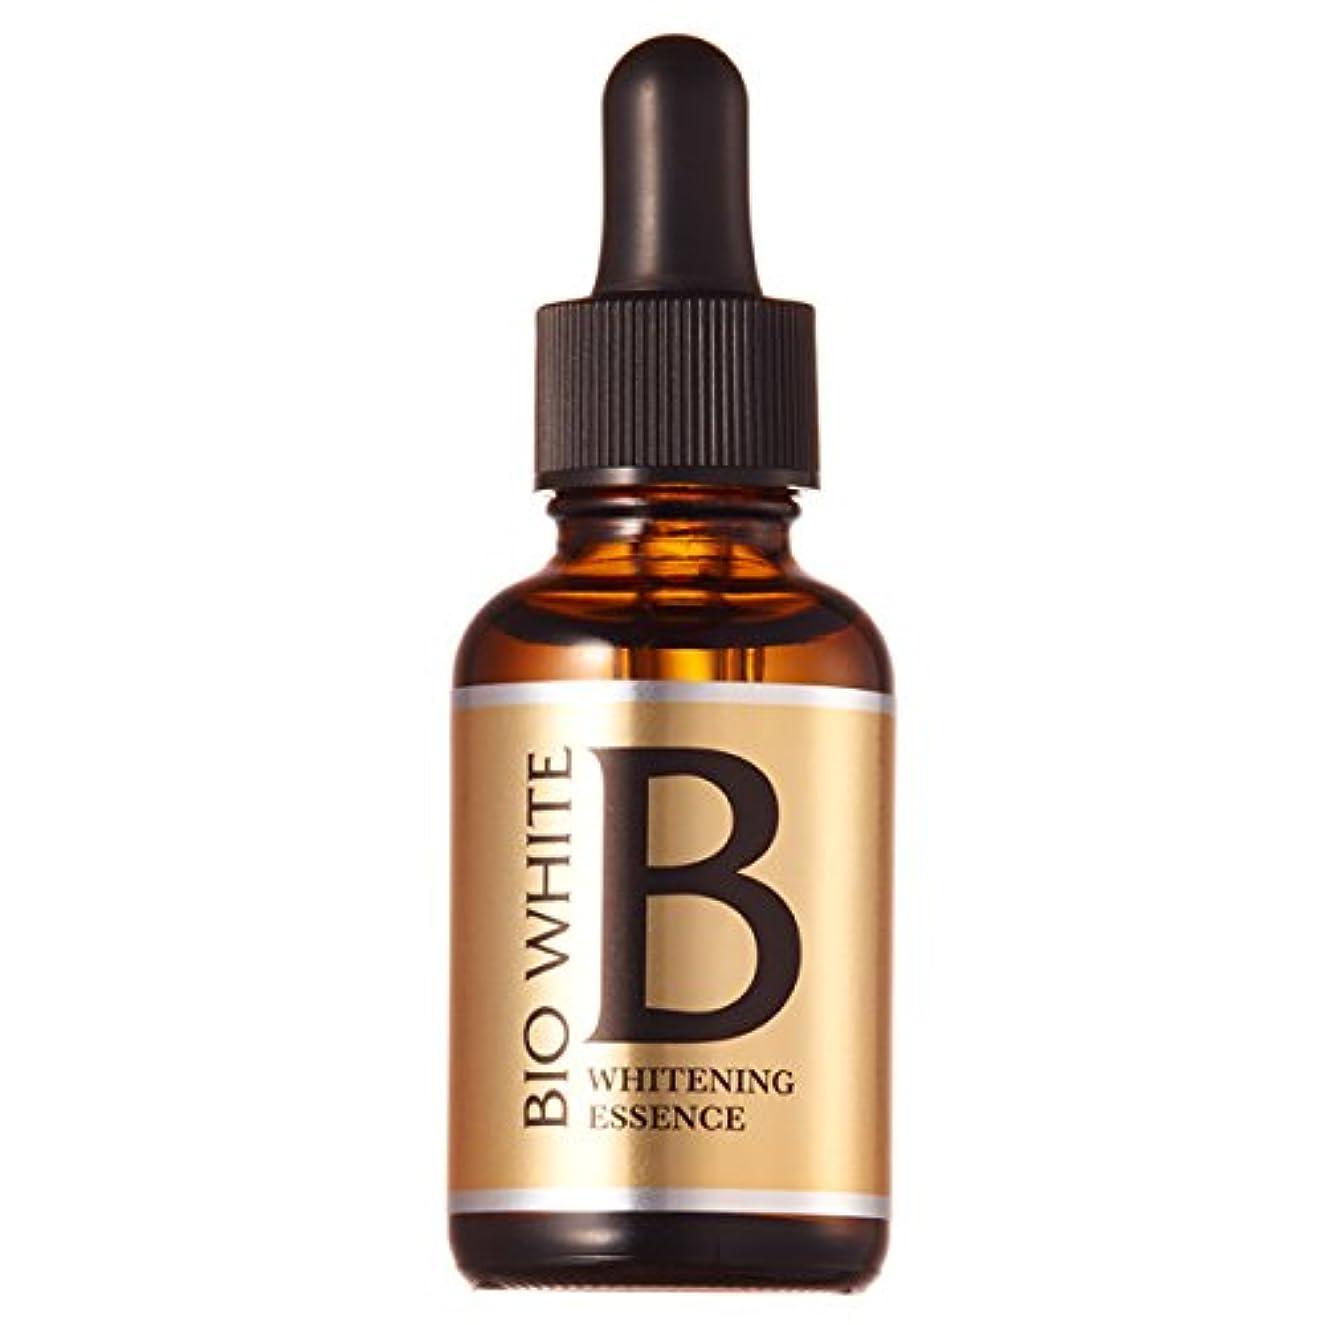 豊かな抵抗ヘビーエビス化粧品(EBiS)しみ対策 美容液 エビスビーホワイト33ml トラネキサム酸配合 男女兼用 美白美容液